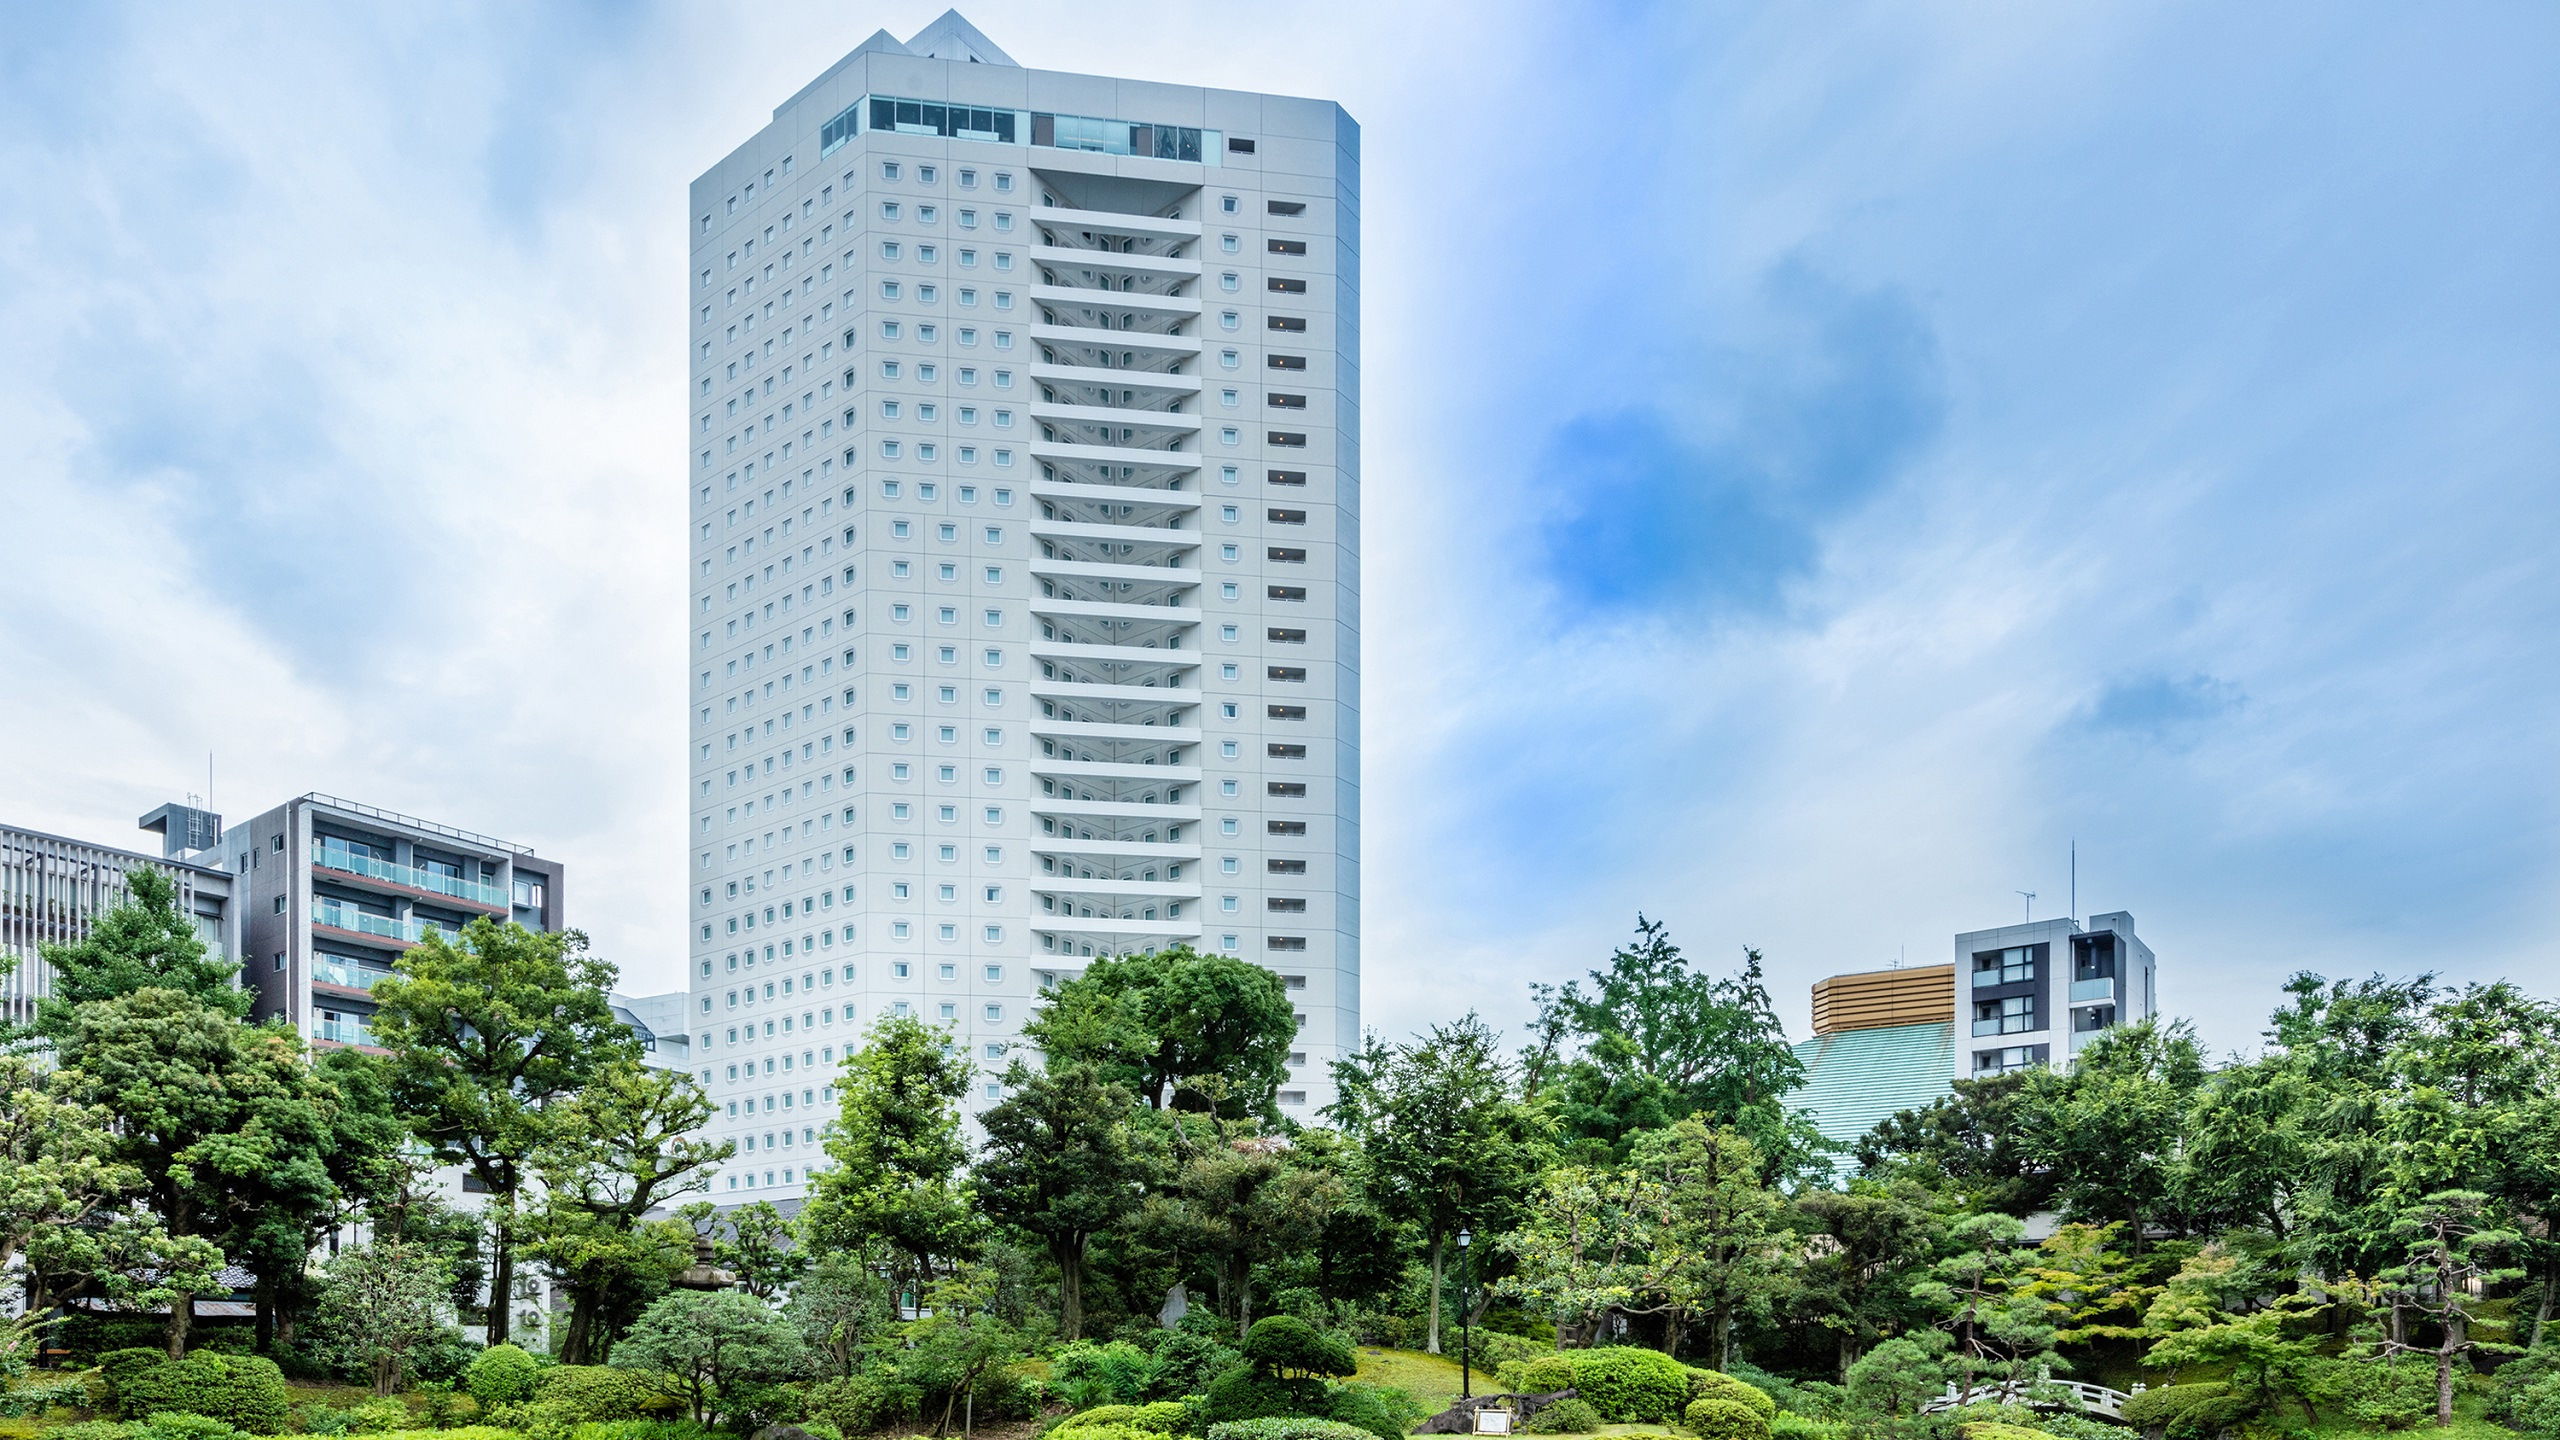 アパホテル&リゾート<両国駅タワー>(2020年春開業予定)